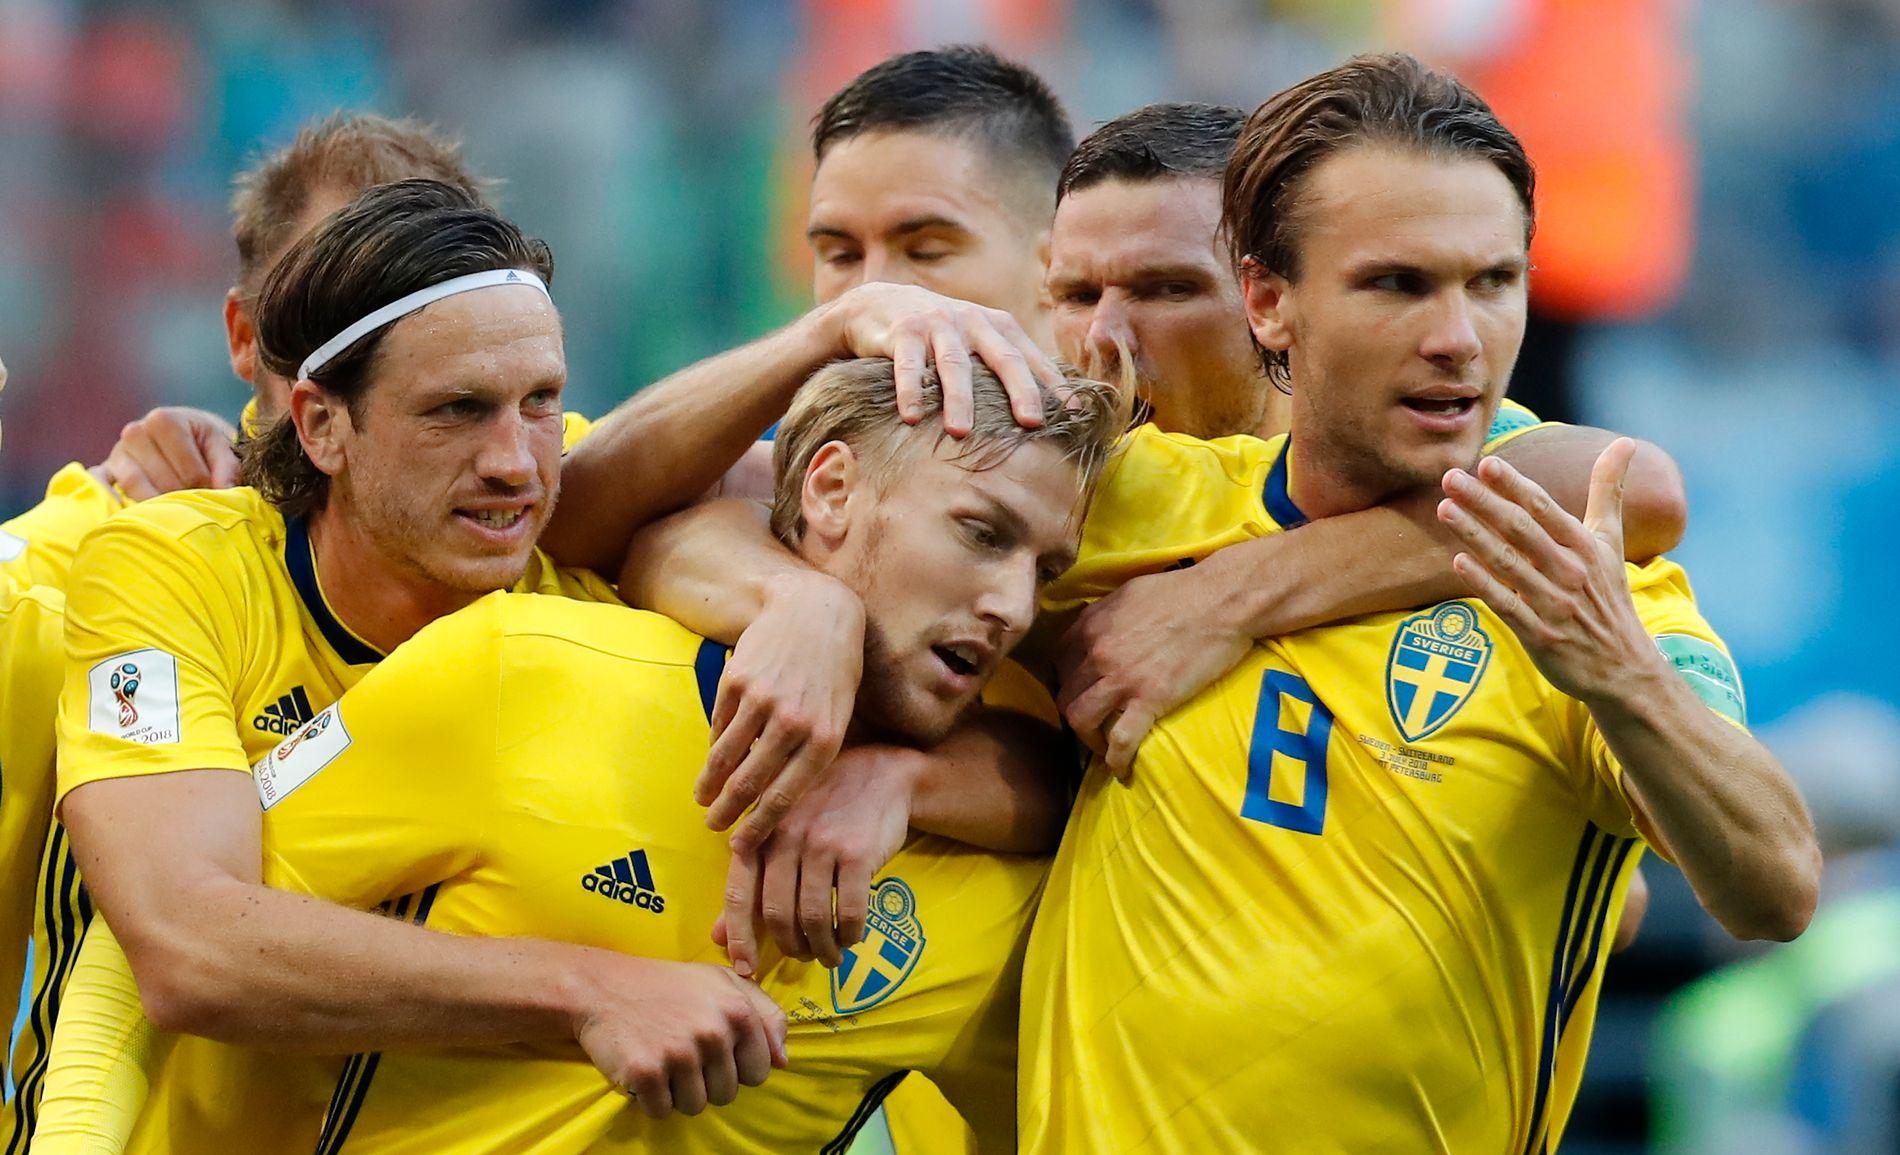 FOR EN GJENG! Gustaf Svensson, Emil Forsberg og Albin Ekdal i forgrunnen for den svenske jubelen etter 1–0-seieren.